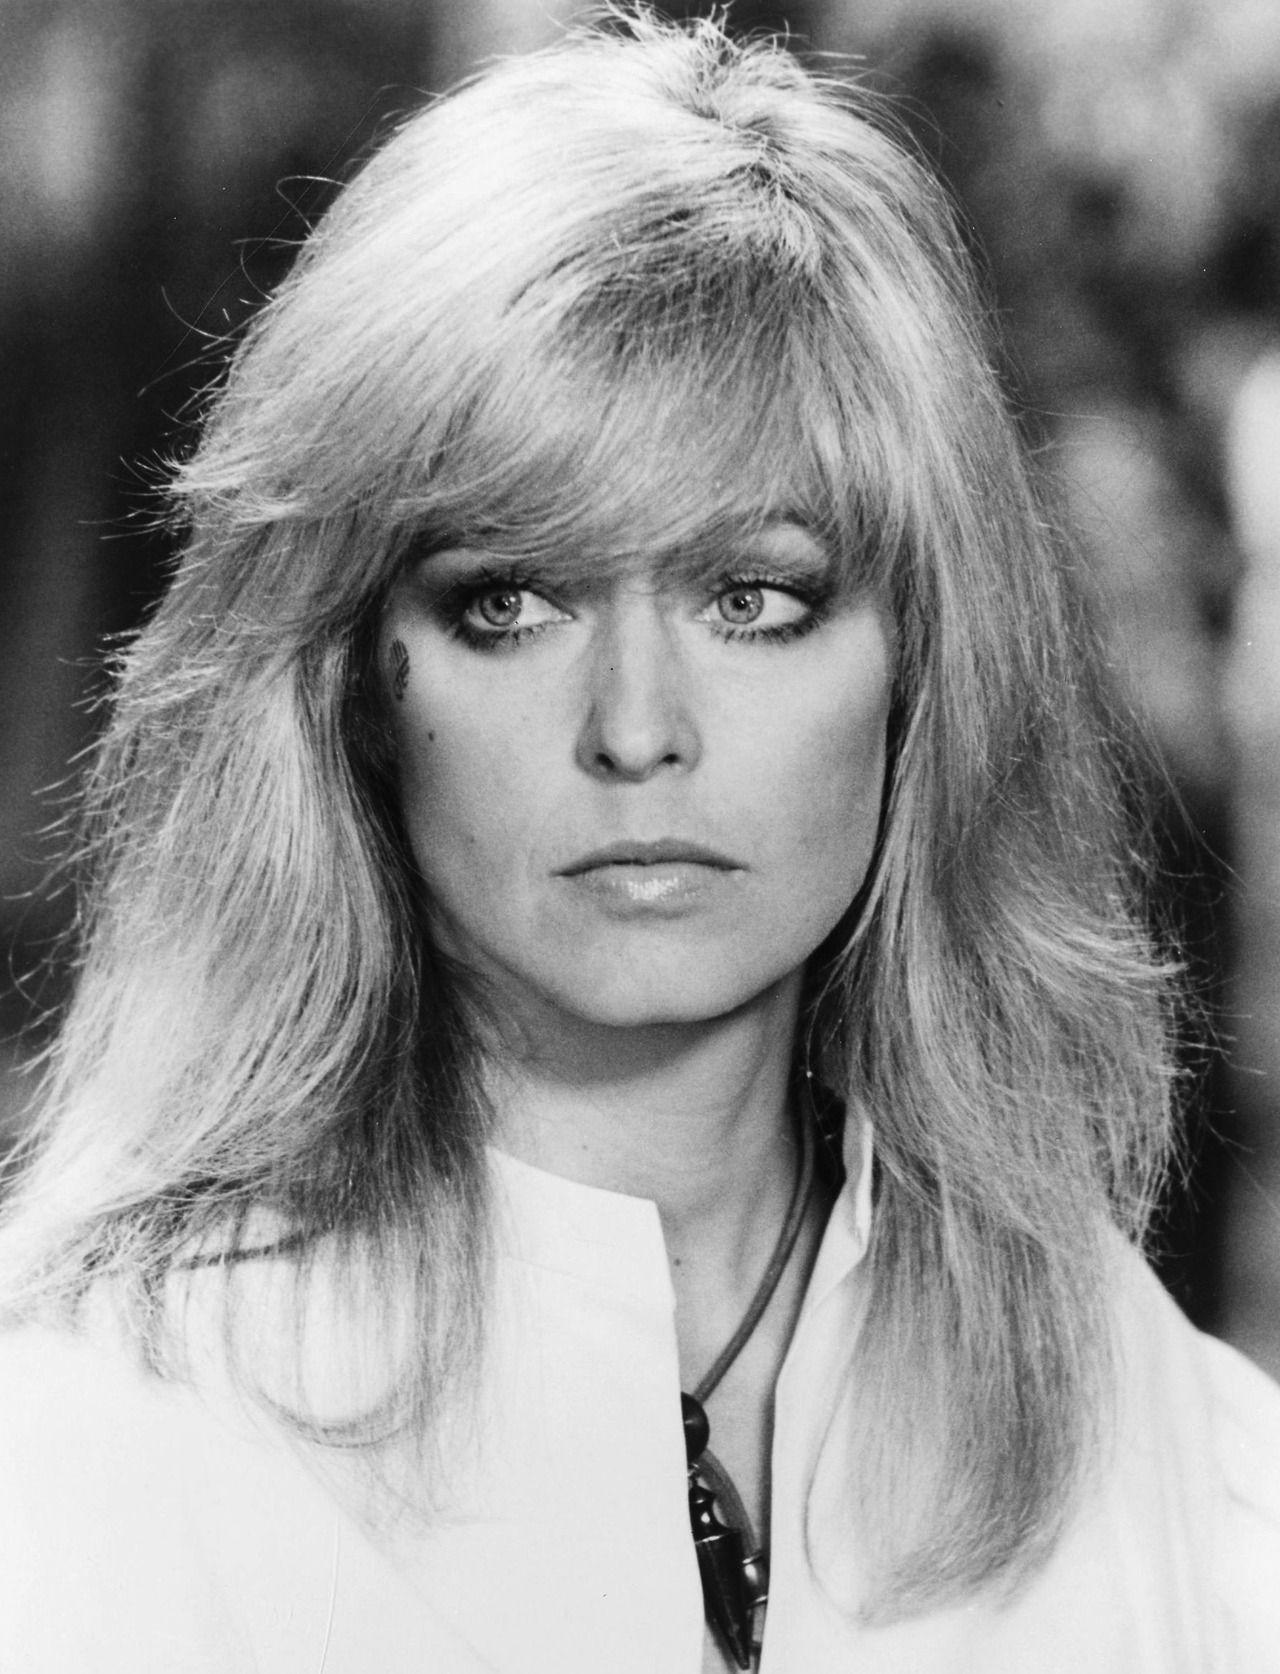 farrah fawcett, 1980 | los 80 - 1980 | pinterest | farrah fawcett